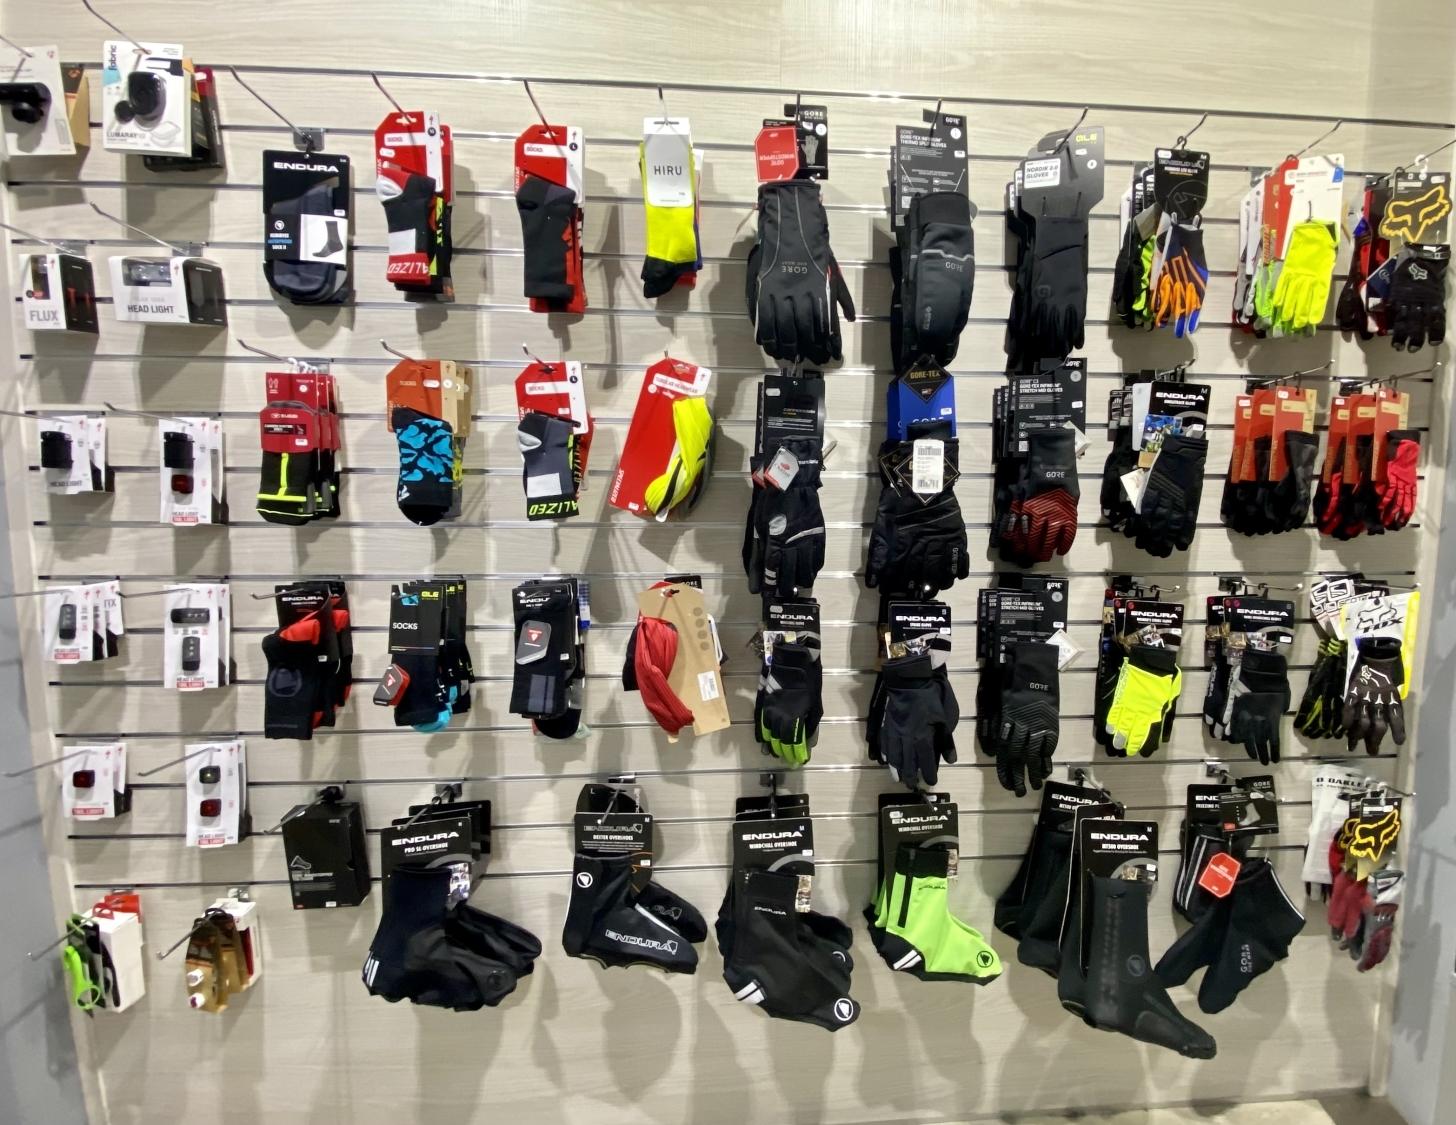 bicicletas en valladolid, bicicletas en salamanca